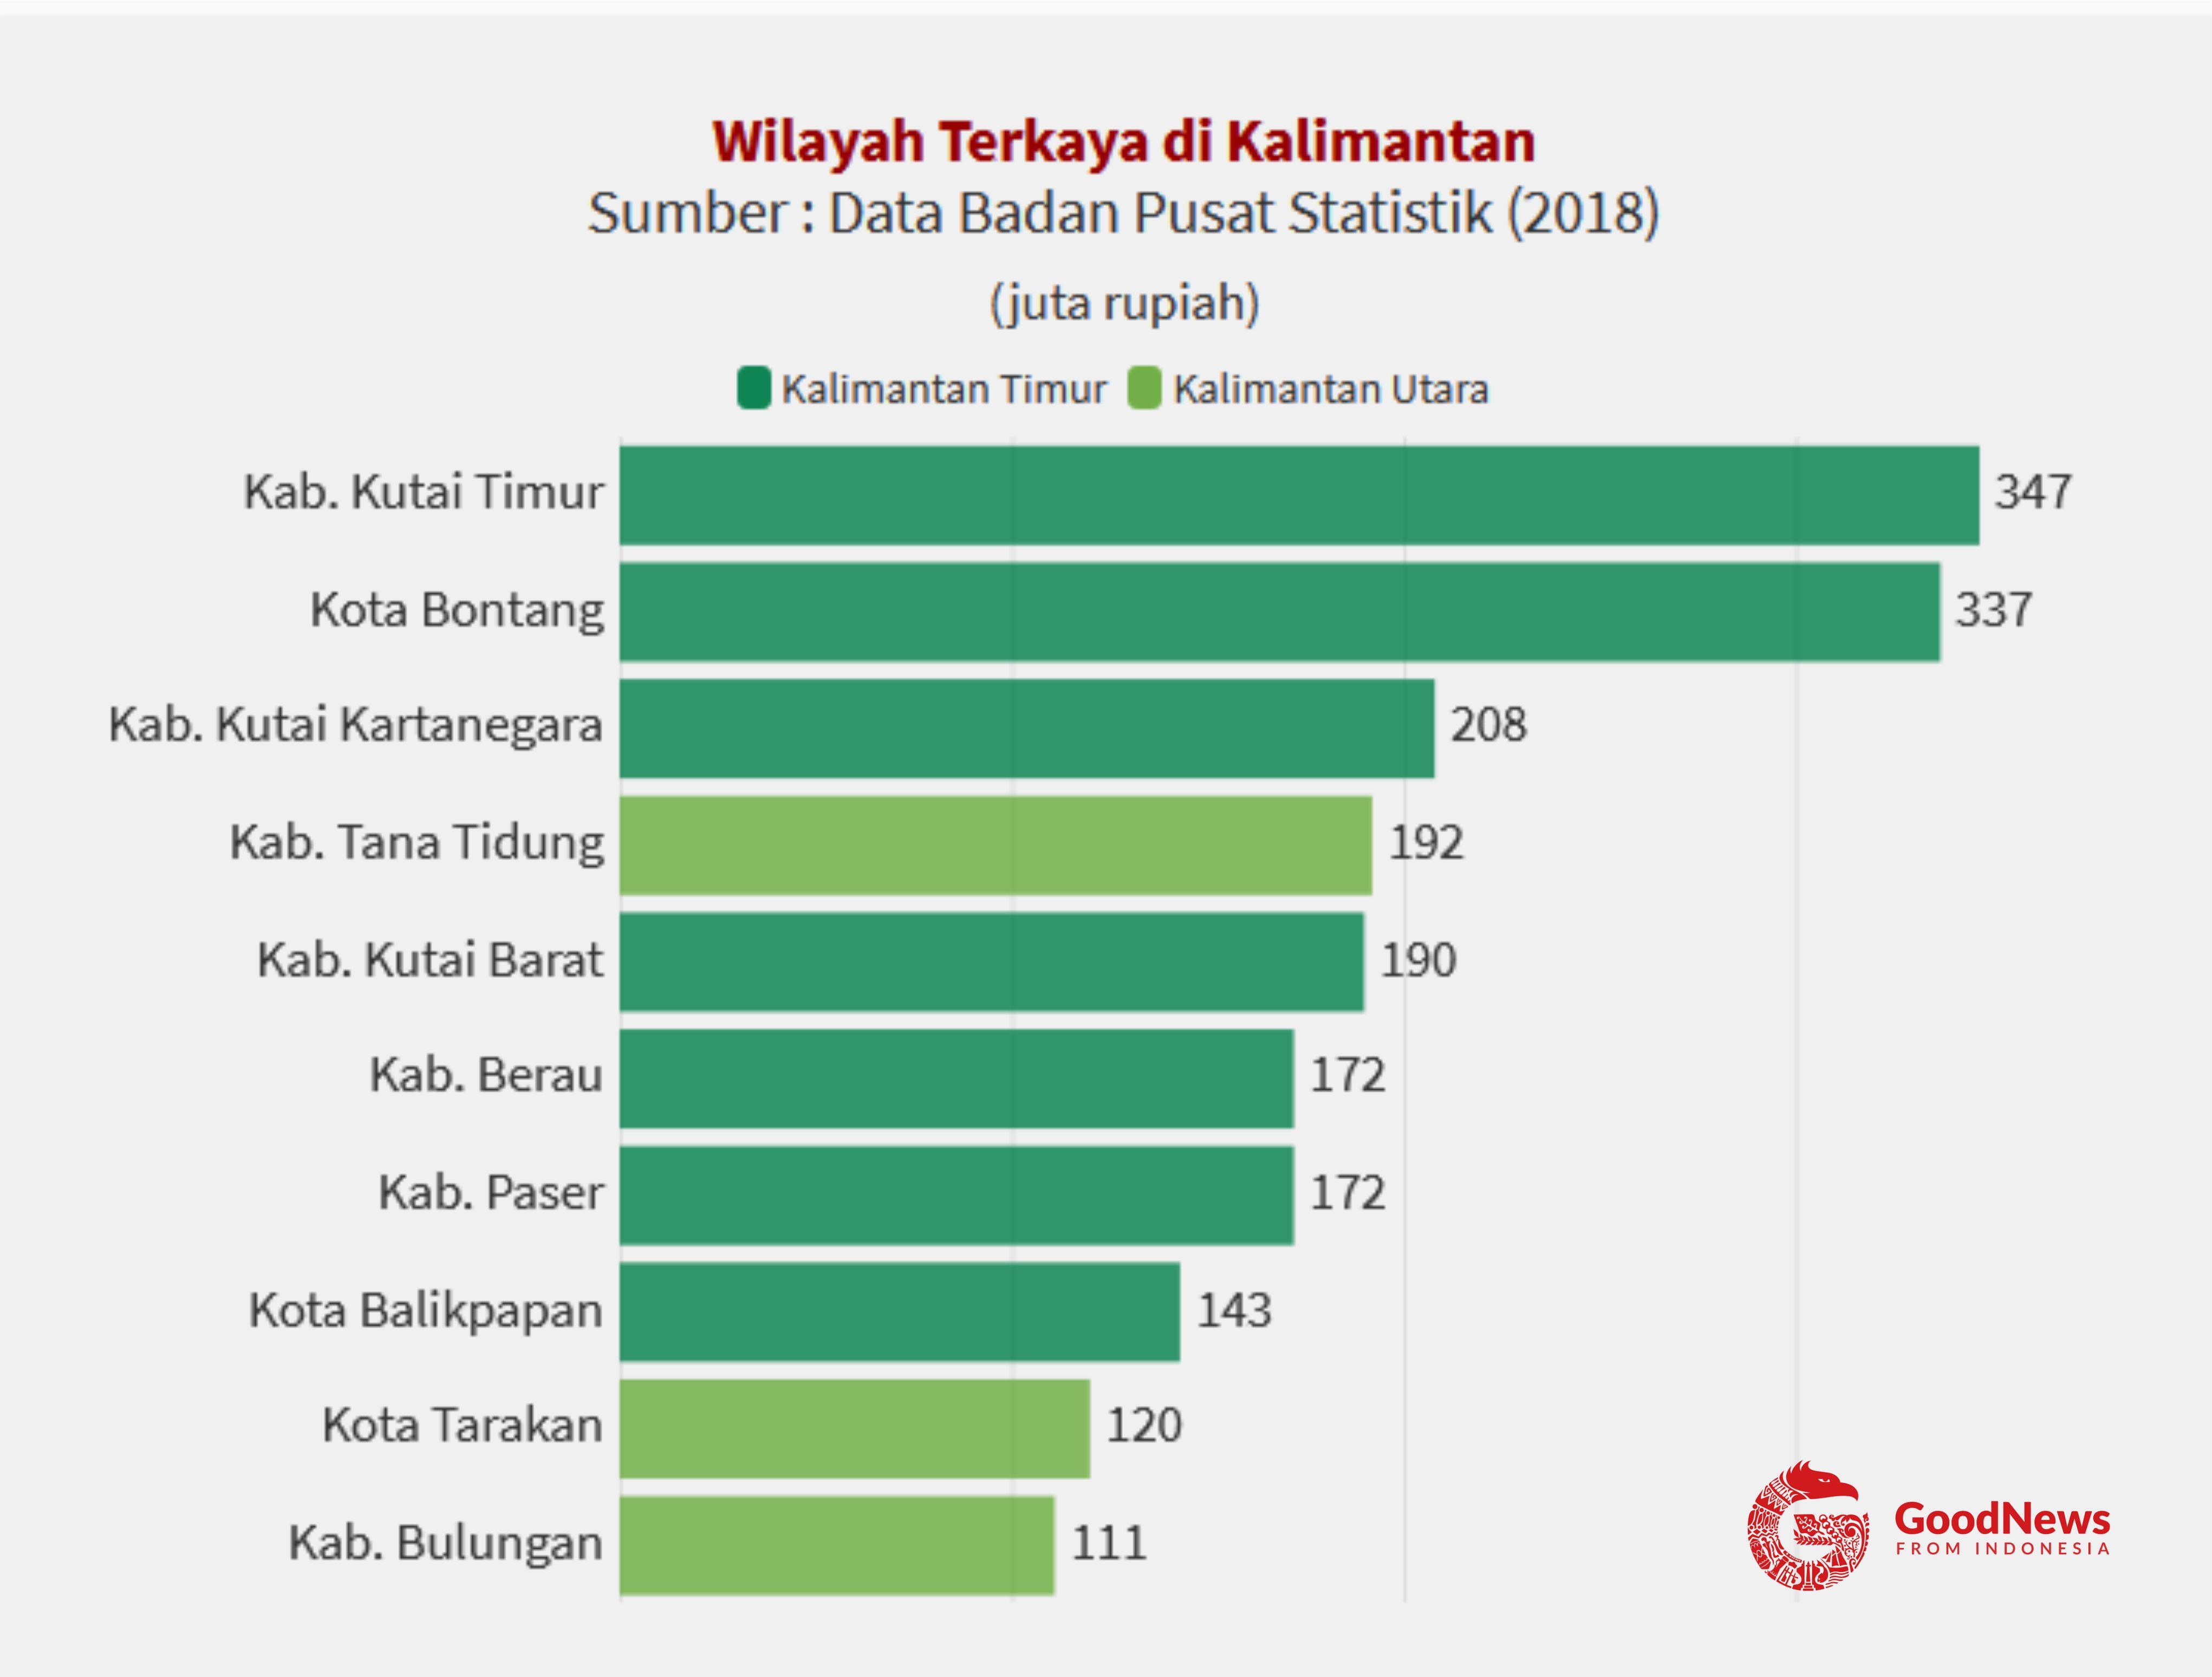 10 Wilayah dengan PDRB per kapita tertinggi di Kalimantan